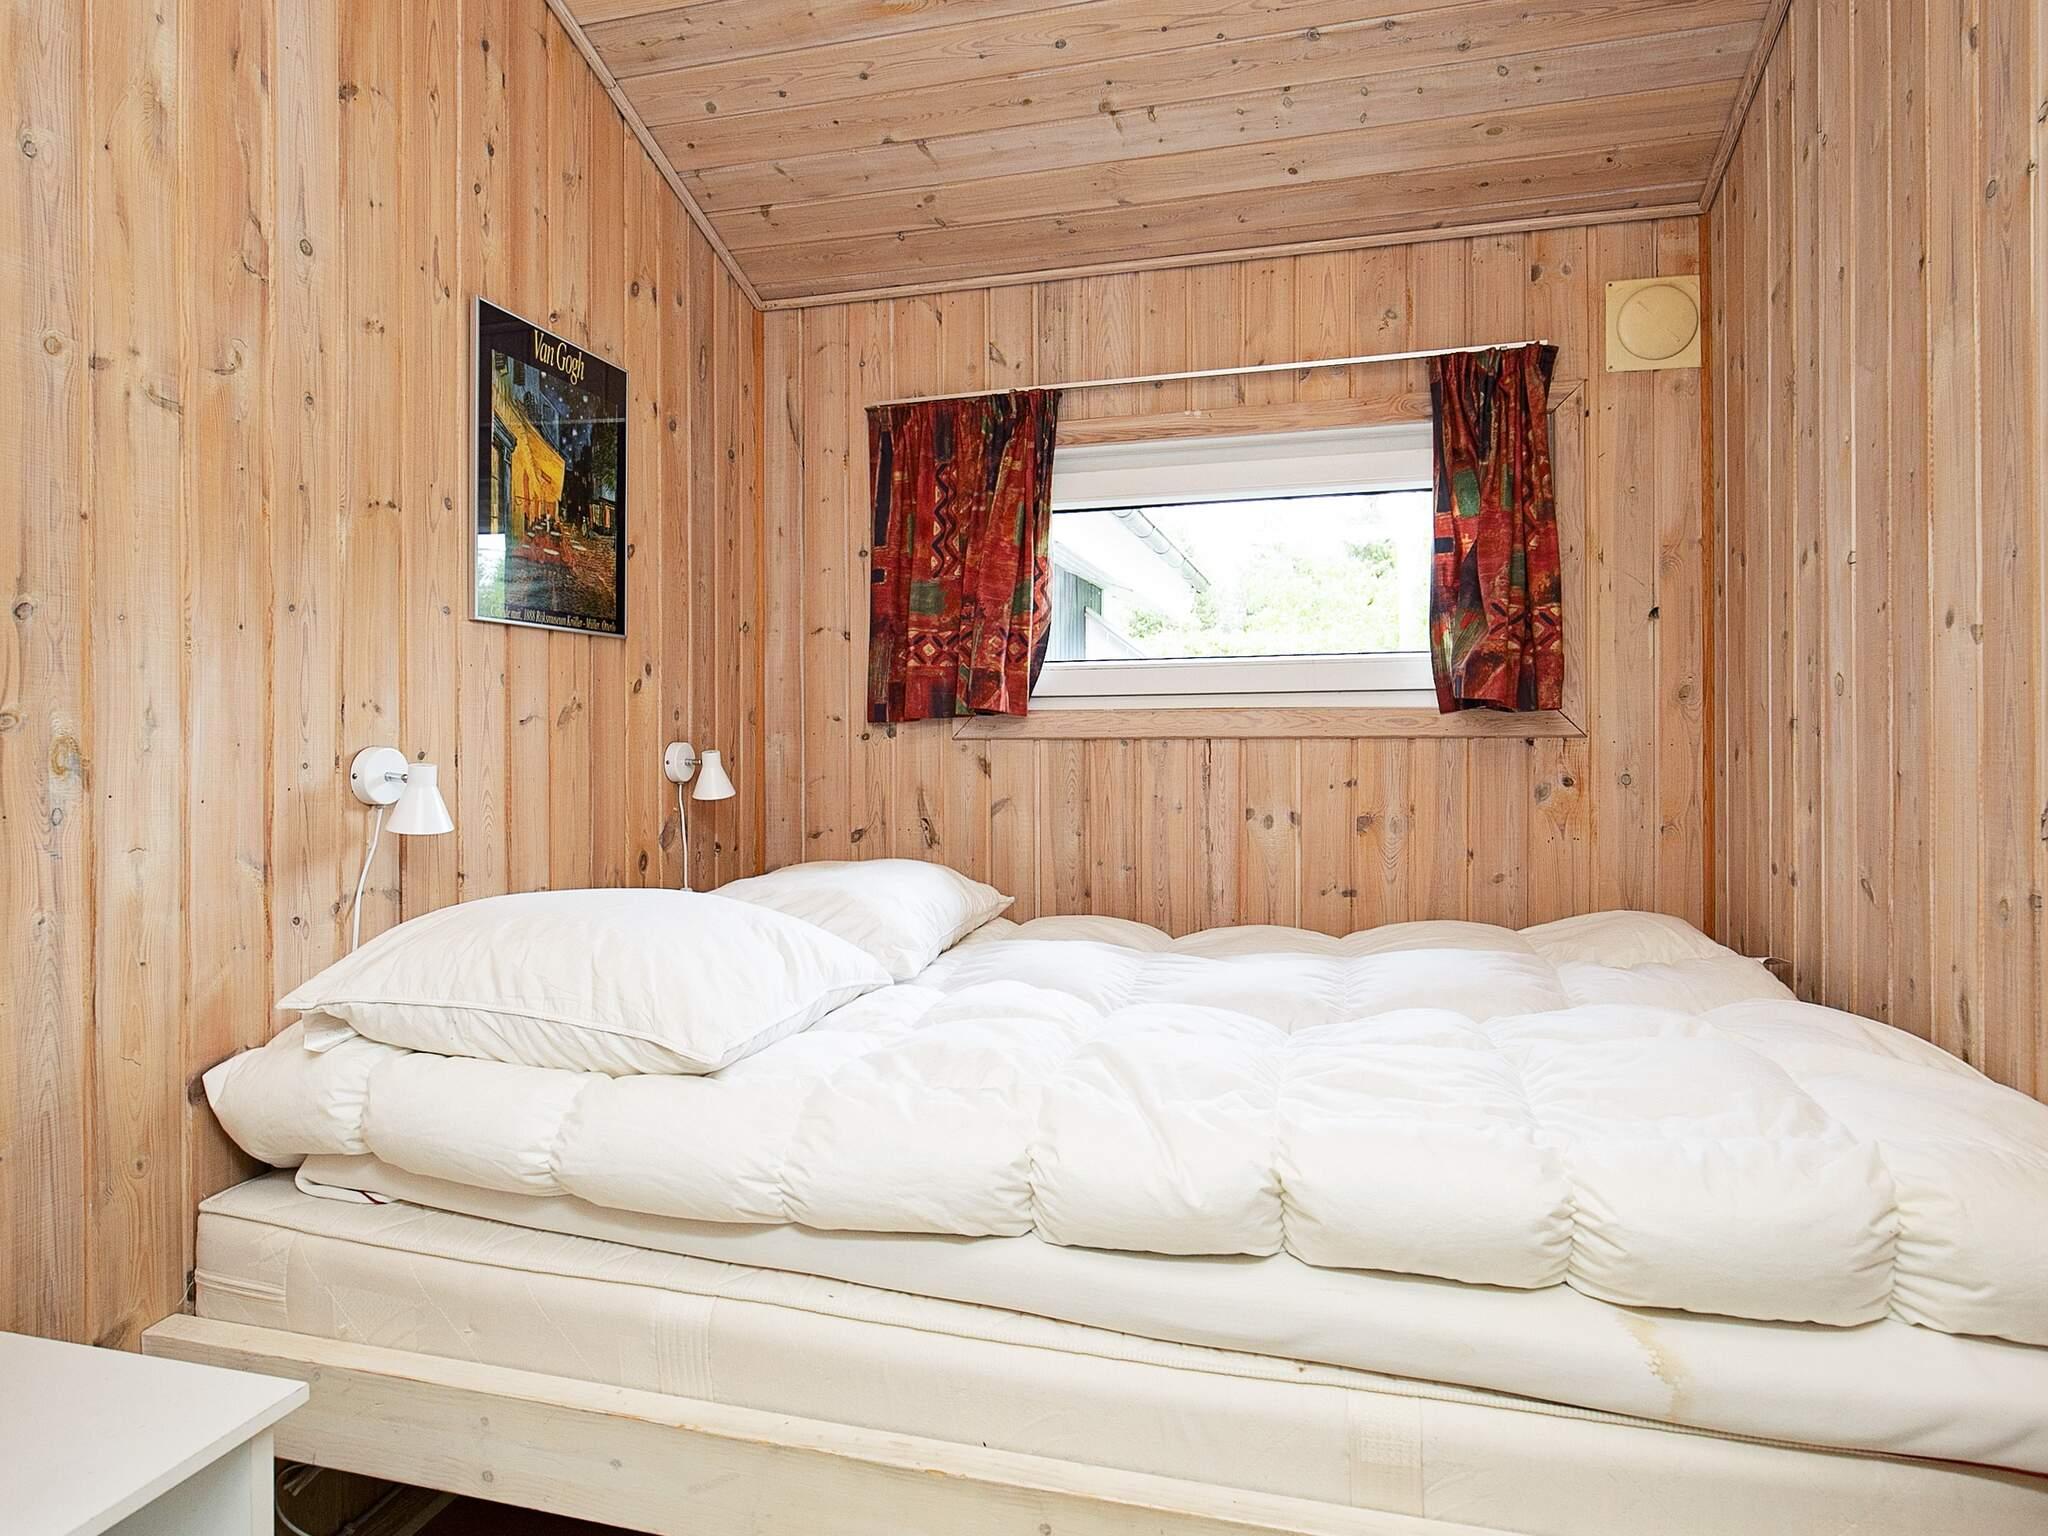 Ferienhaus Marielyst (83562), Marielyst, , Falster, Dänemark, Bild 6